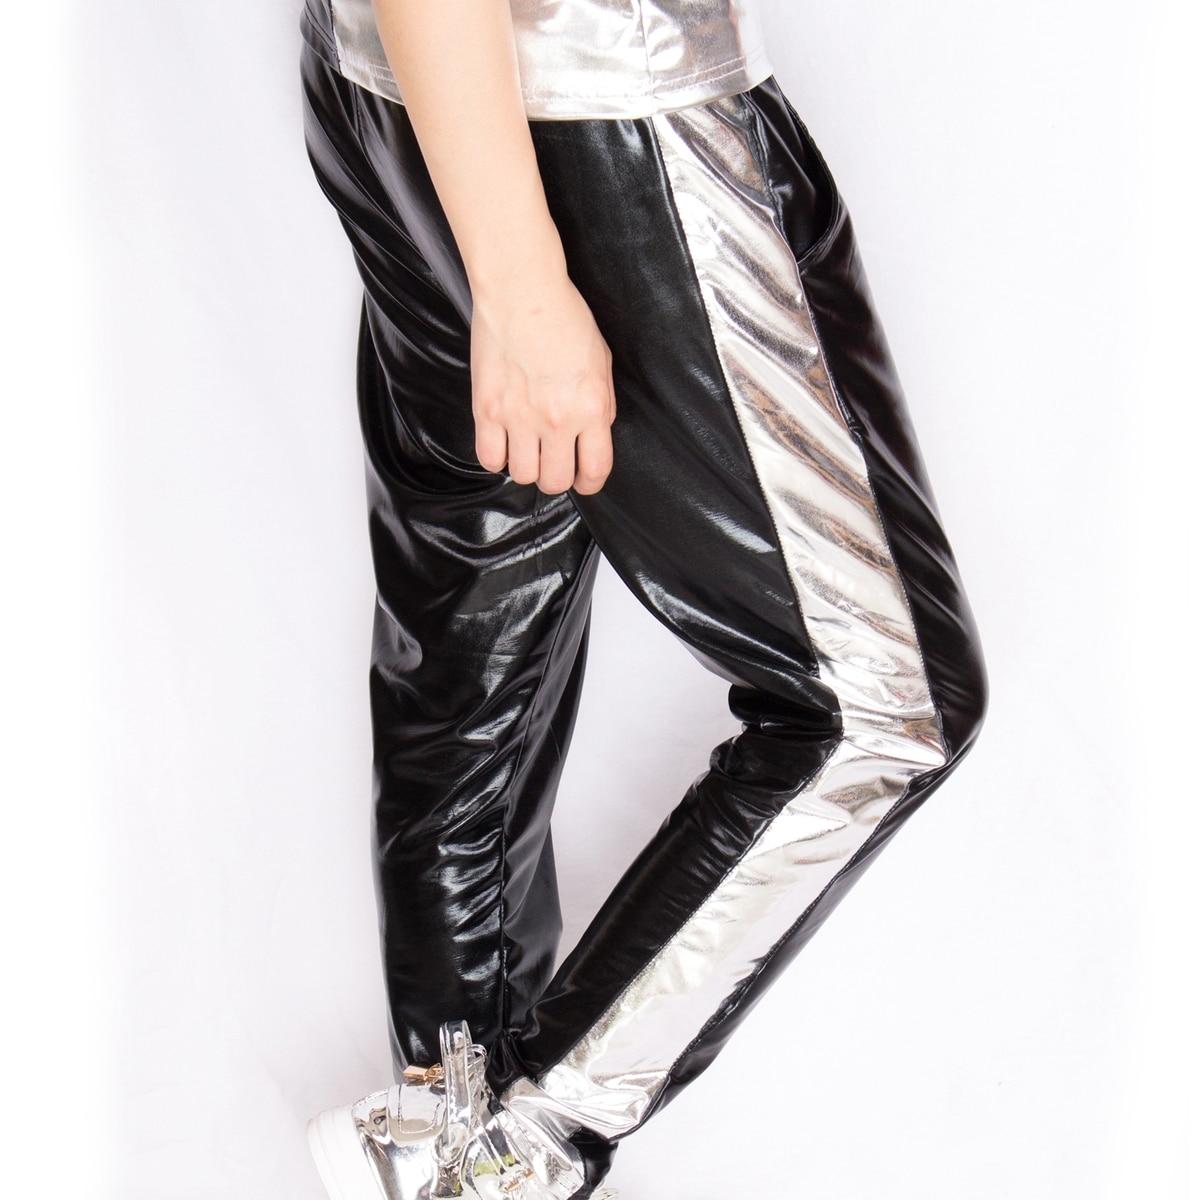 4a6c92279f1 Новая мода Серебряный Bronzing лоскутное Для досуга сцены хип-хоп Джаз шоу  на сцене Костюмы танцевальные штаны-шаровары M-XL